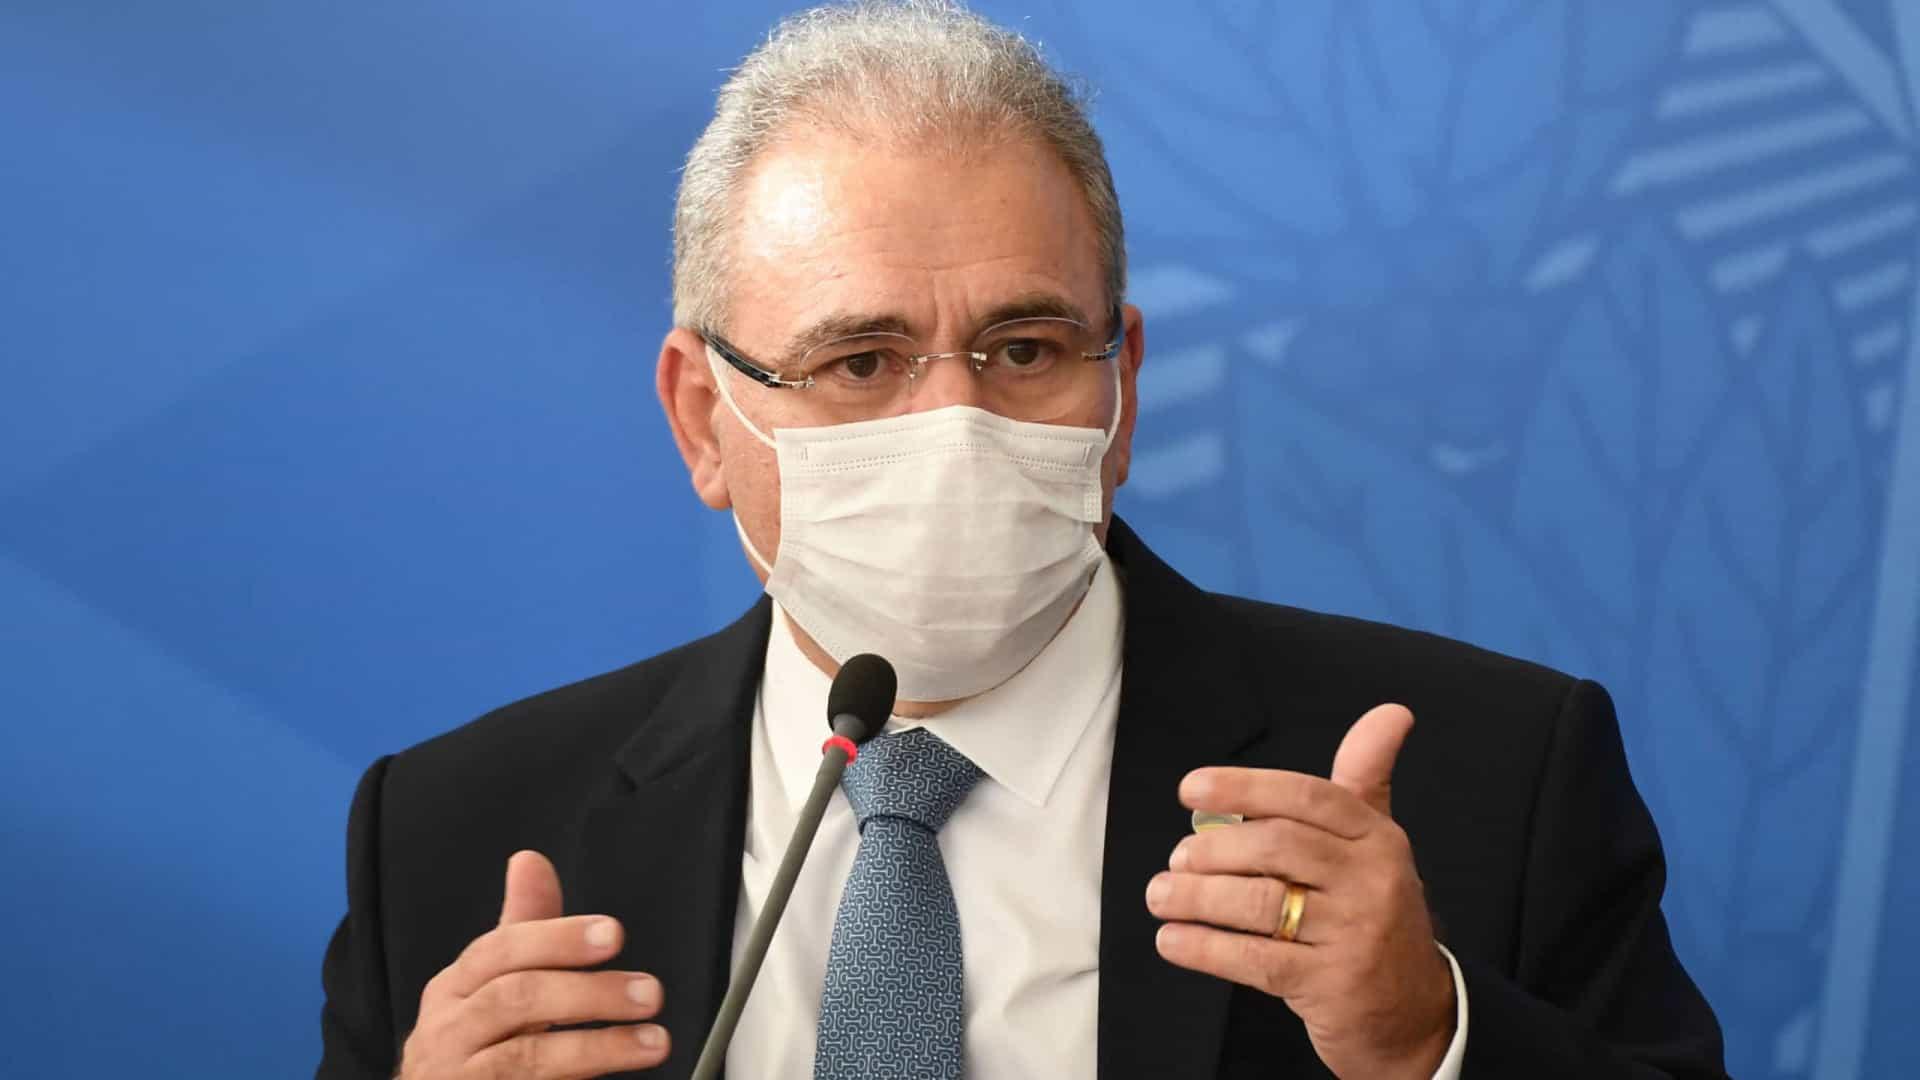 naom 606acd6b7b330 - CPI critica aglomeração no Rio e reconvoca Marcelo Queiroga e Pazuello